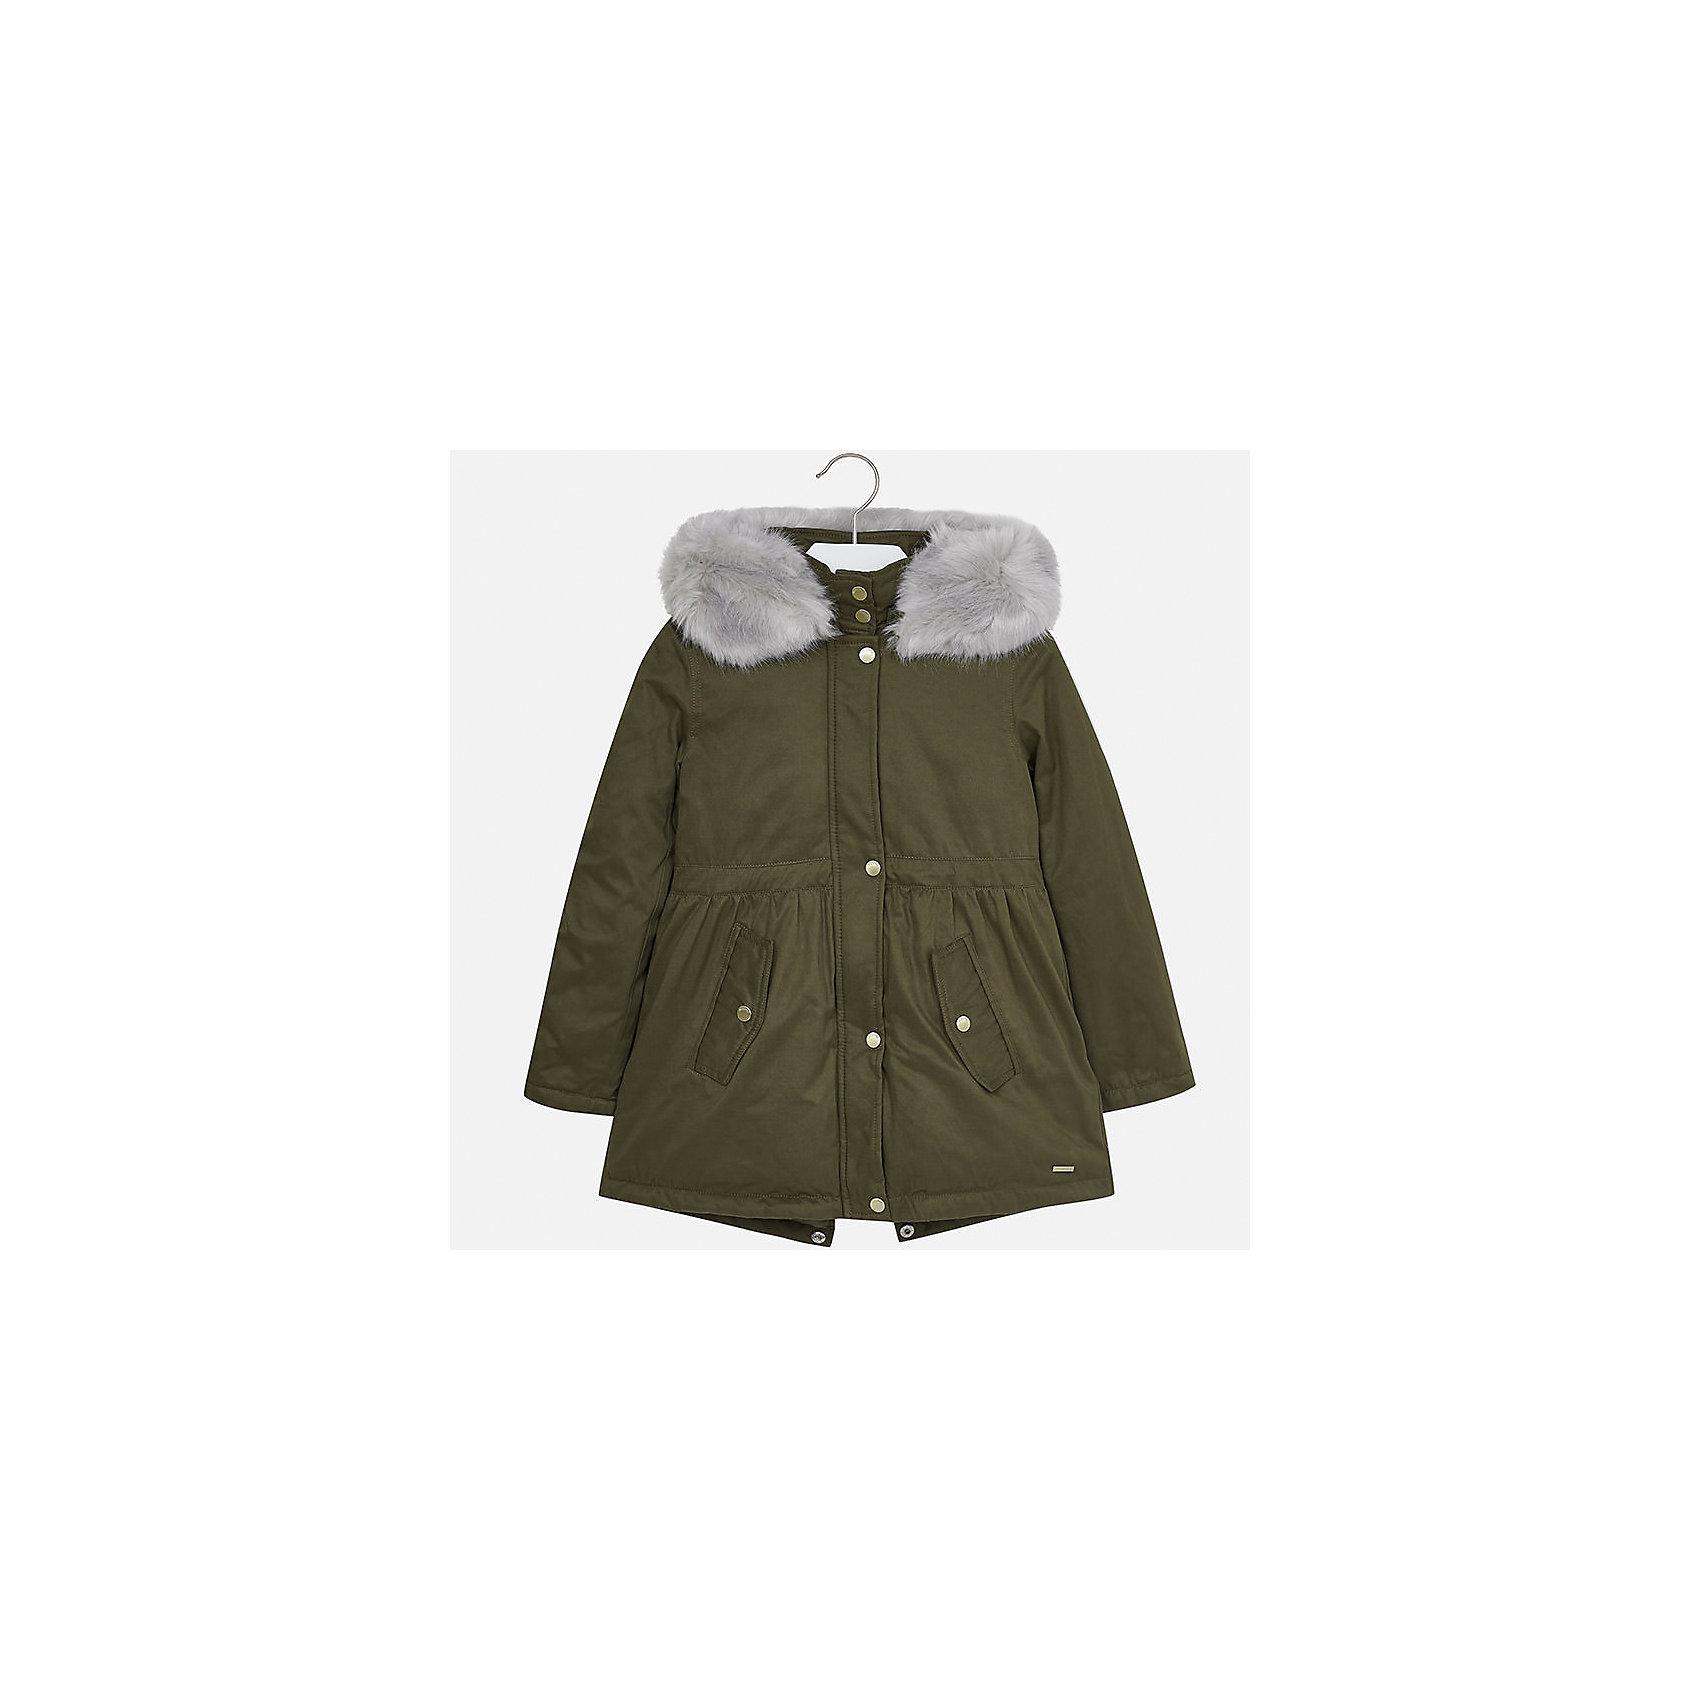 Куртка Mayoral для девочкиВерхняя одежда<br>Характеристики товара:<br><br>• цвет: зеленый<br>• состав ткани: 90% полиэстер, 10% полиамид, подклад - 100% полиэстер, утеплитель - 100% полиэстер<br>• застежка: молния<br>• капюшон с опушкой<br>• сезон: демисезон<br>• температурный режим: от 0 до -10С<br>• страна бренда: Испания<br>• страна изготовитель: Индия<br><br>Зеленая утепленная куртка-парка для девочки от Майорал поможет обеспечить тепло и комфорт. Такая эффектная детская куртка имеет удобные карманы на кнопках и капюшон. <br><br>Для производства детской одежды популярный бренд Mayoral использует только качественную фурнитуру и материалы. Оригинальные и модные вещи от Майорал неизменно привлекают внимание и нравятся детям.<br><br>Куртку для девочки Mayoral (Майорал) можно купить в нашем интернет-магазине.<br><br>Ширина мм: 356<br>Глубина мм: 10<br>Высота мм: 245<br>Вес г: 519<br>Цвет: зеленый<br>Возраст от месяцев: 168<br>Возраст до месяцев: 180<br>Пол: Женский<br>Возраст: Детский<br>Размер: 170,128/134,140,152,158,164<br>SKU: 6922171